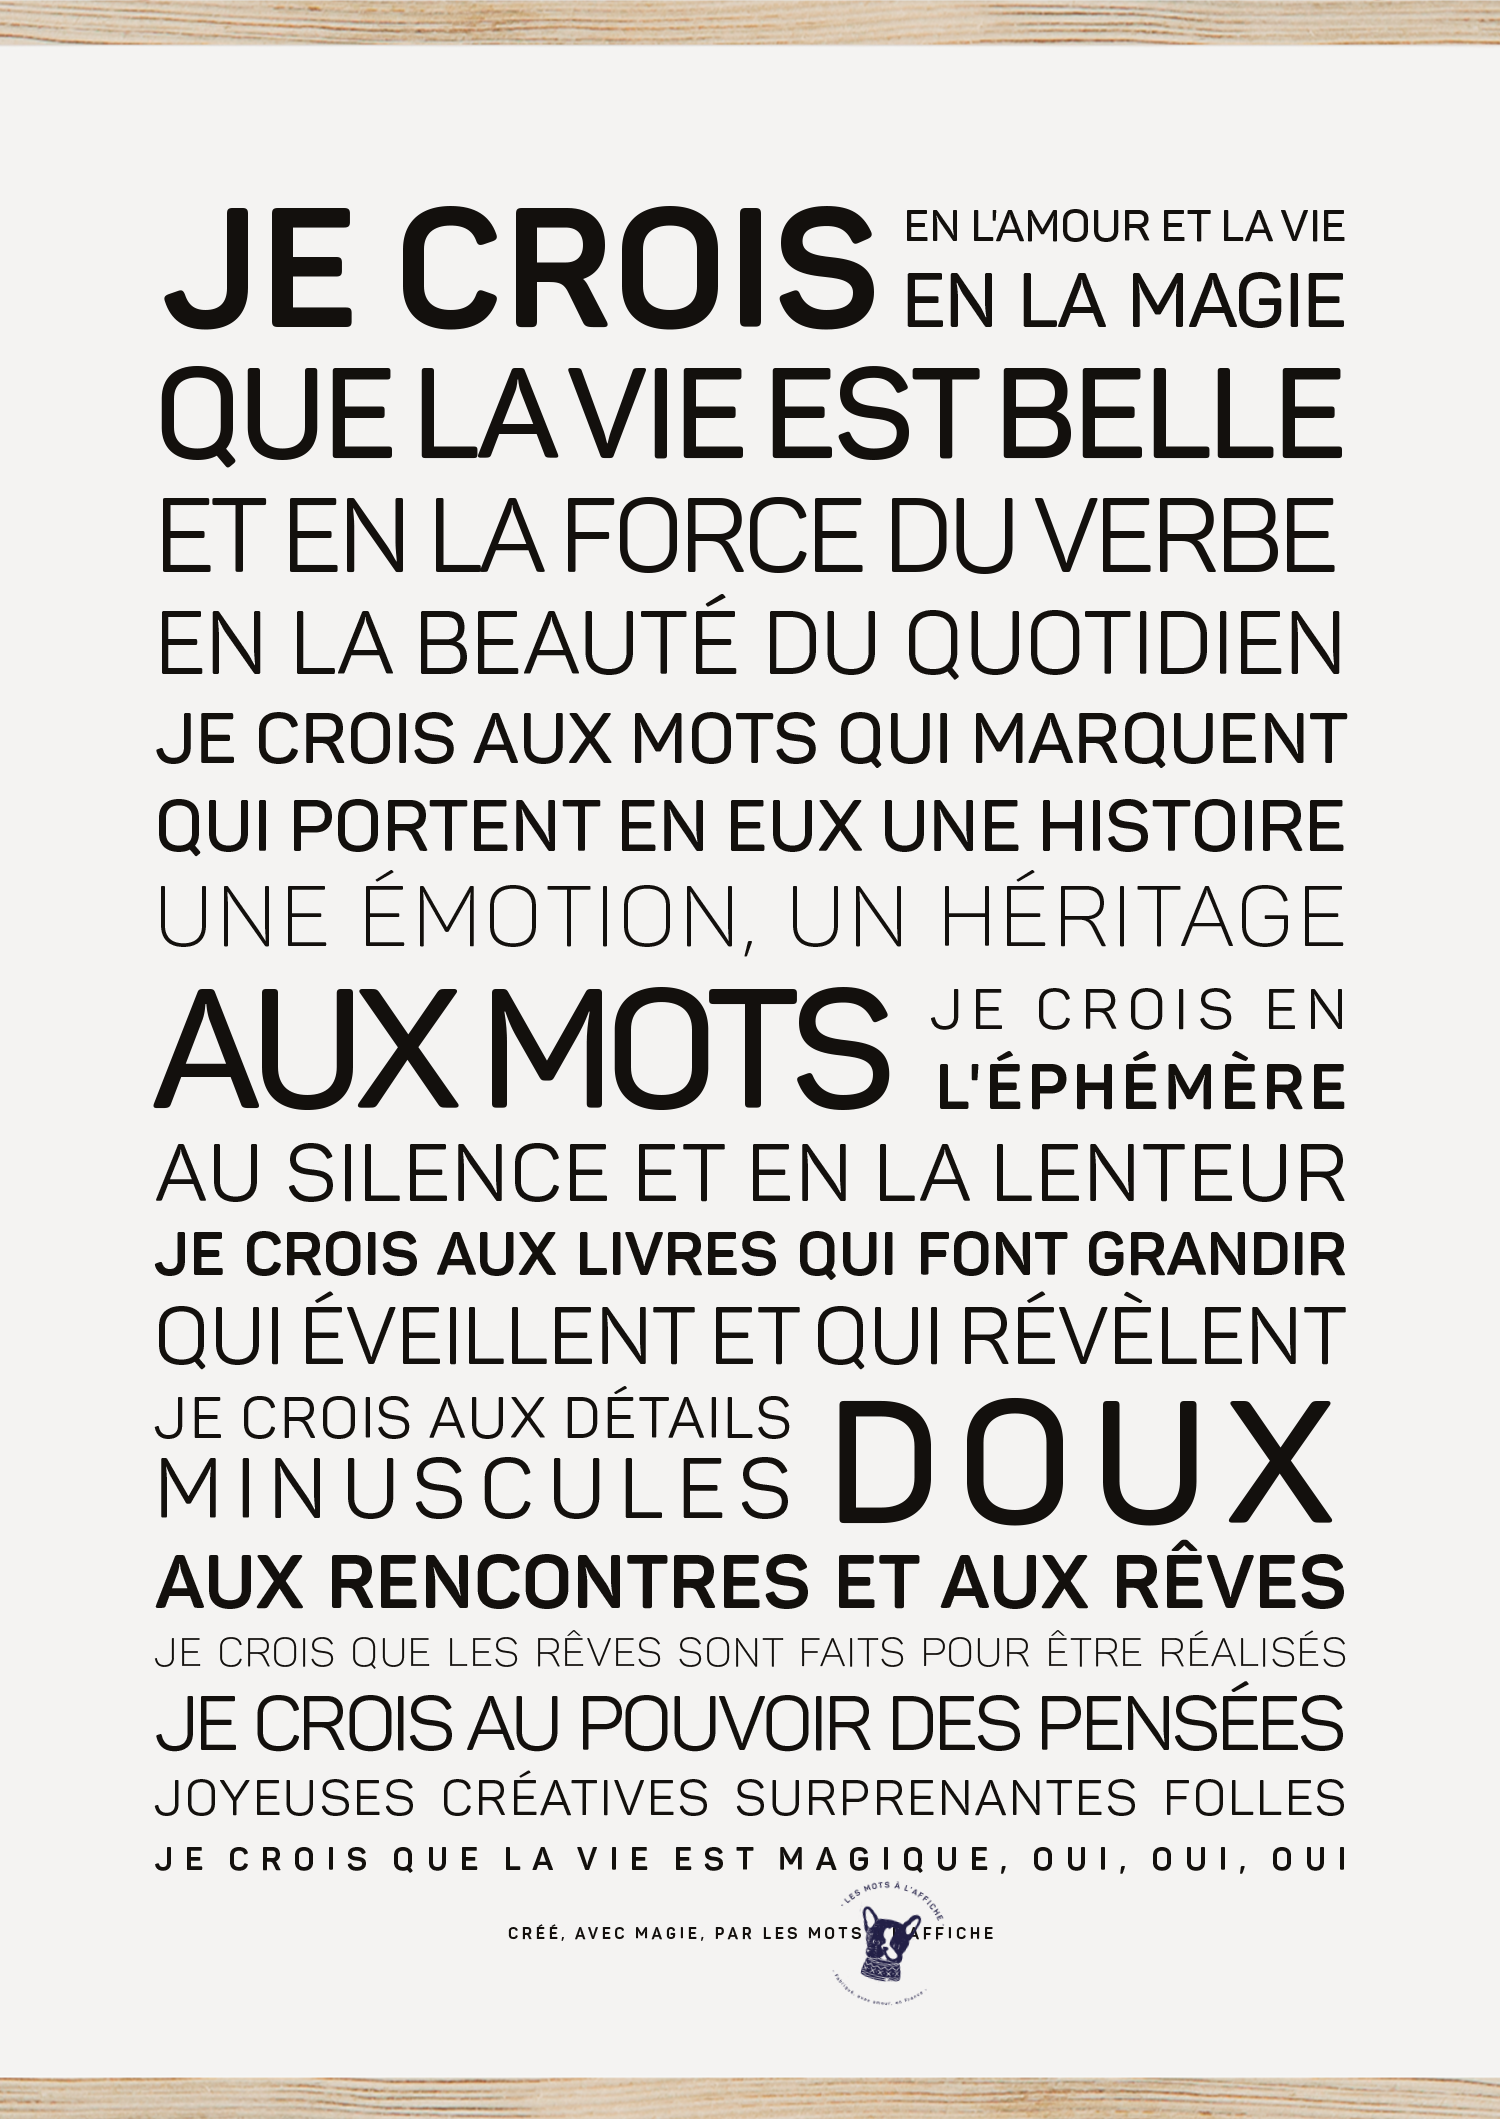 Affiche La vie est belle